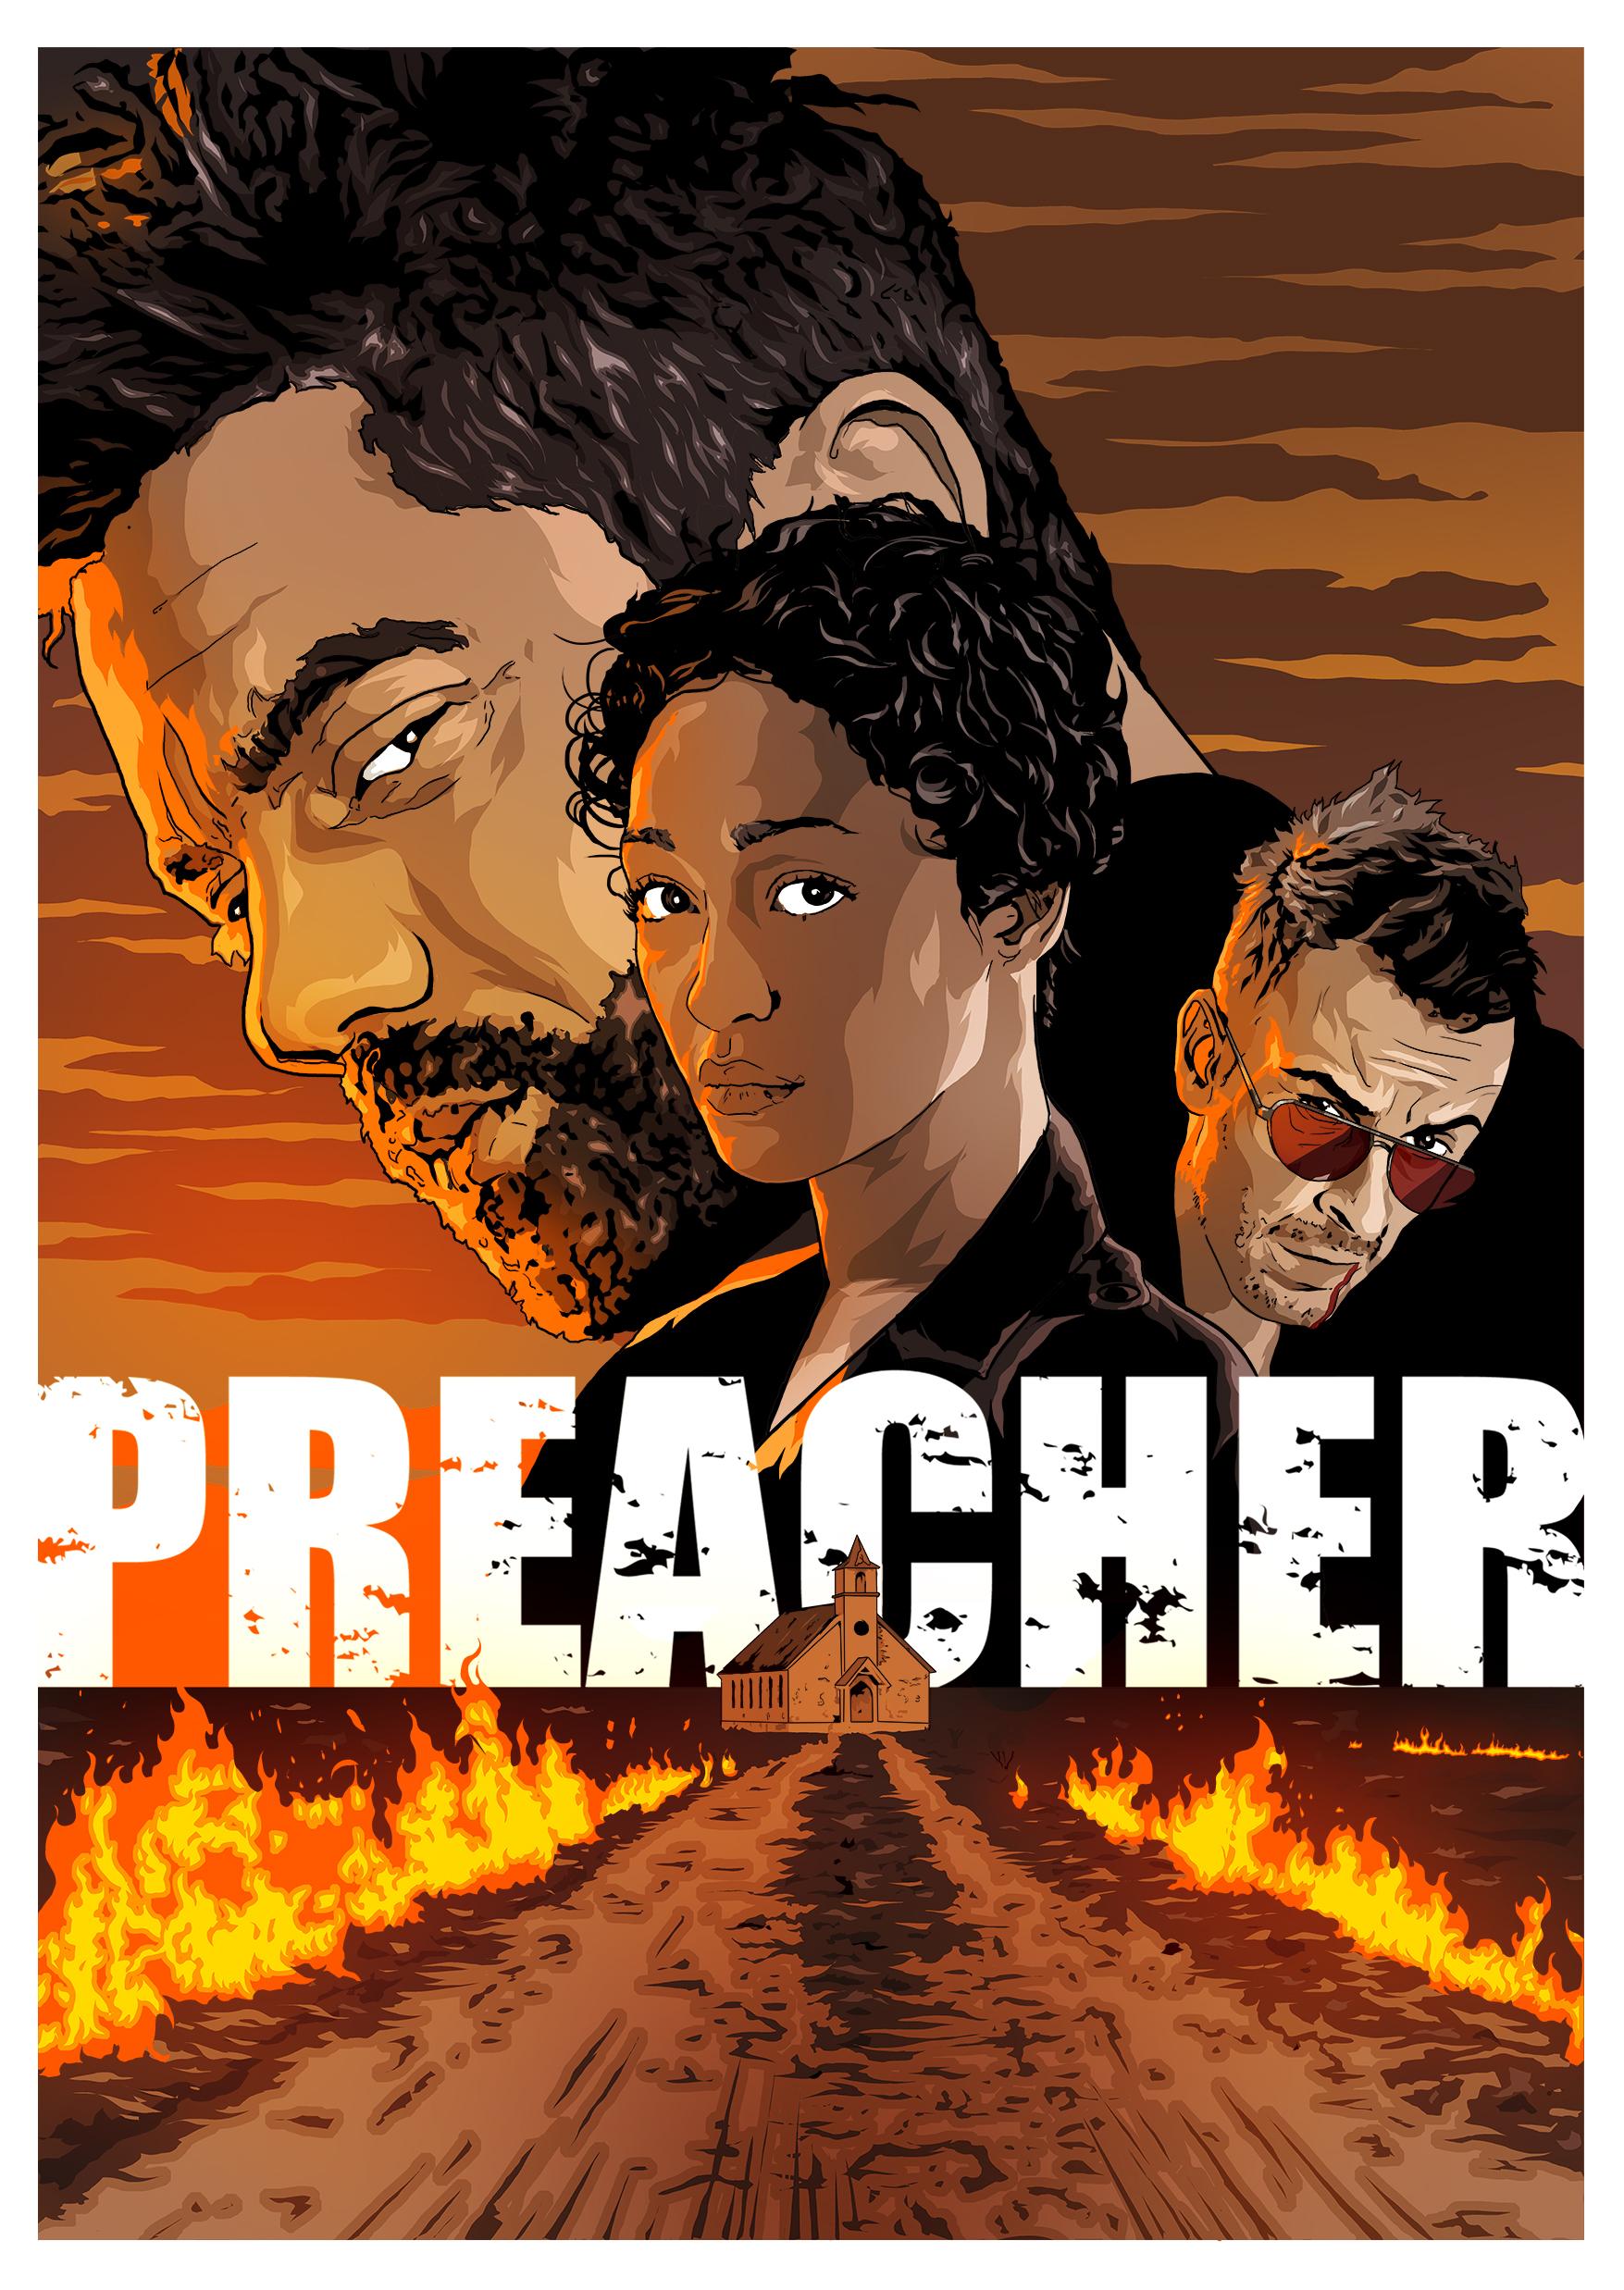 Preacher1.jpg